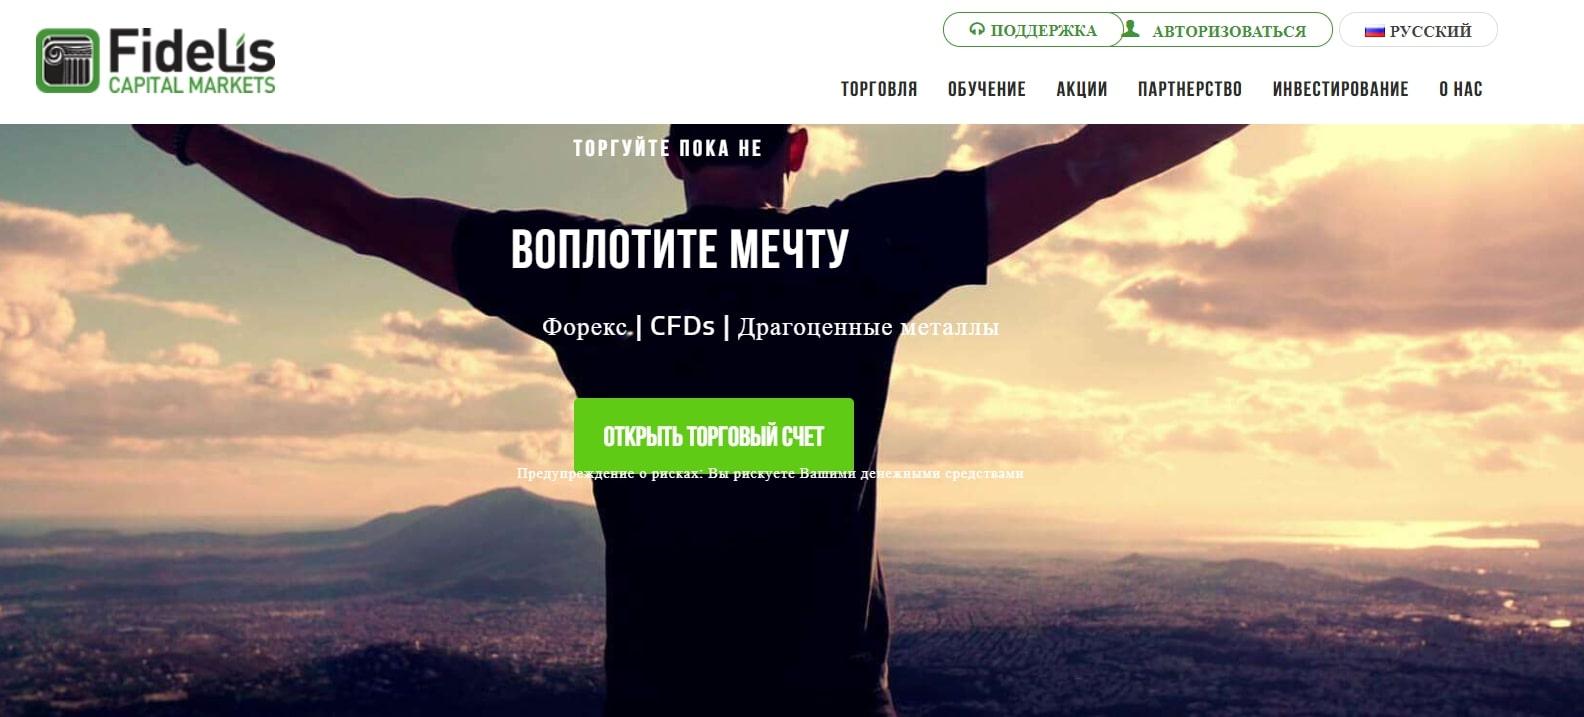 Fidelis Capital Markets: отзывы о брокере, условия торговли реальные отзывы